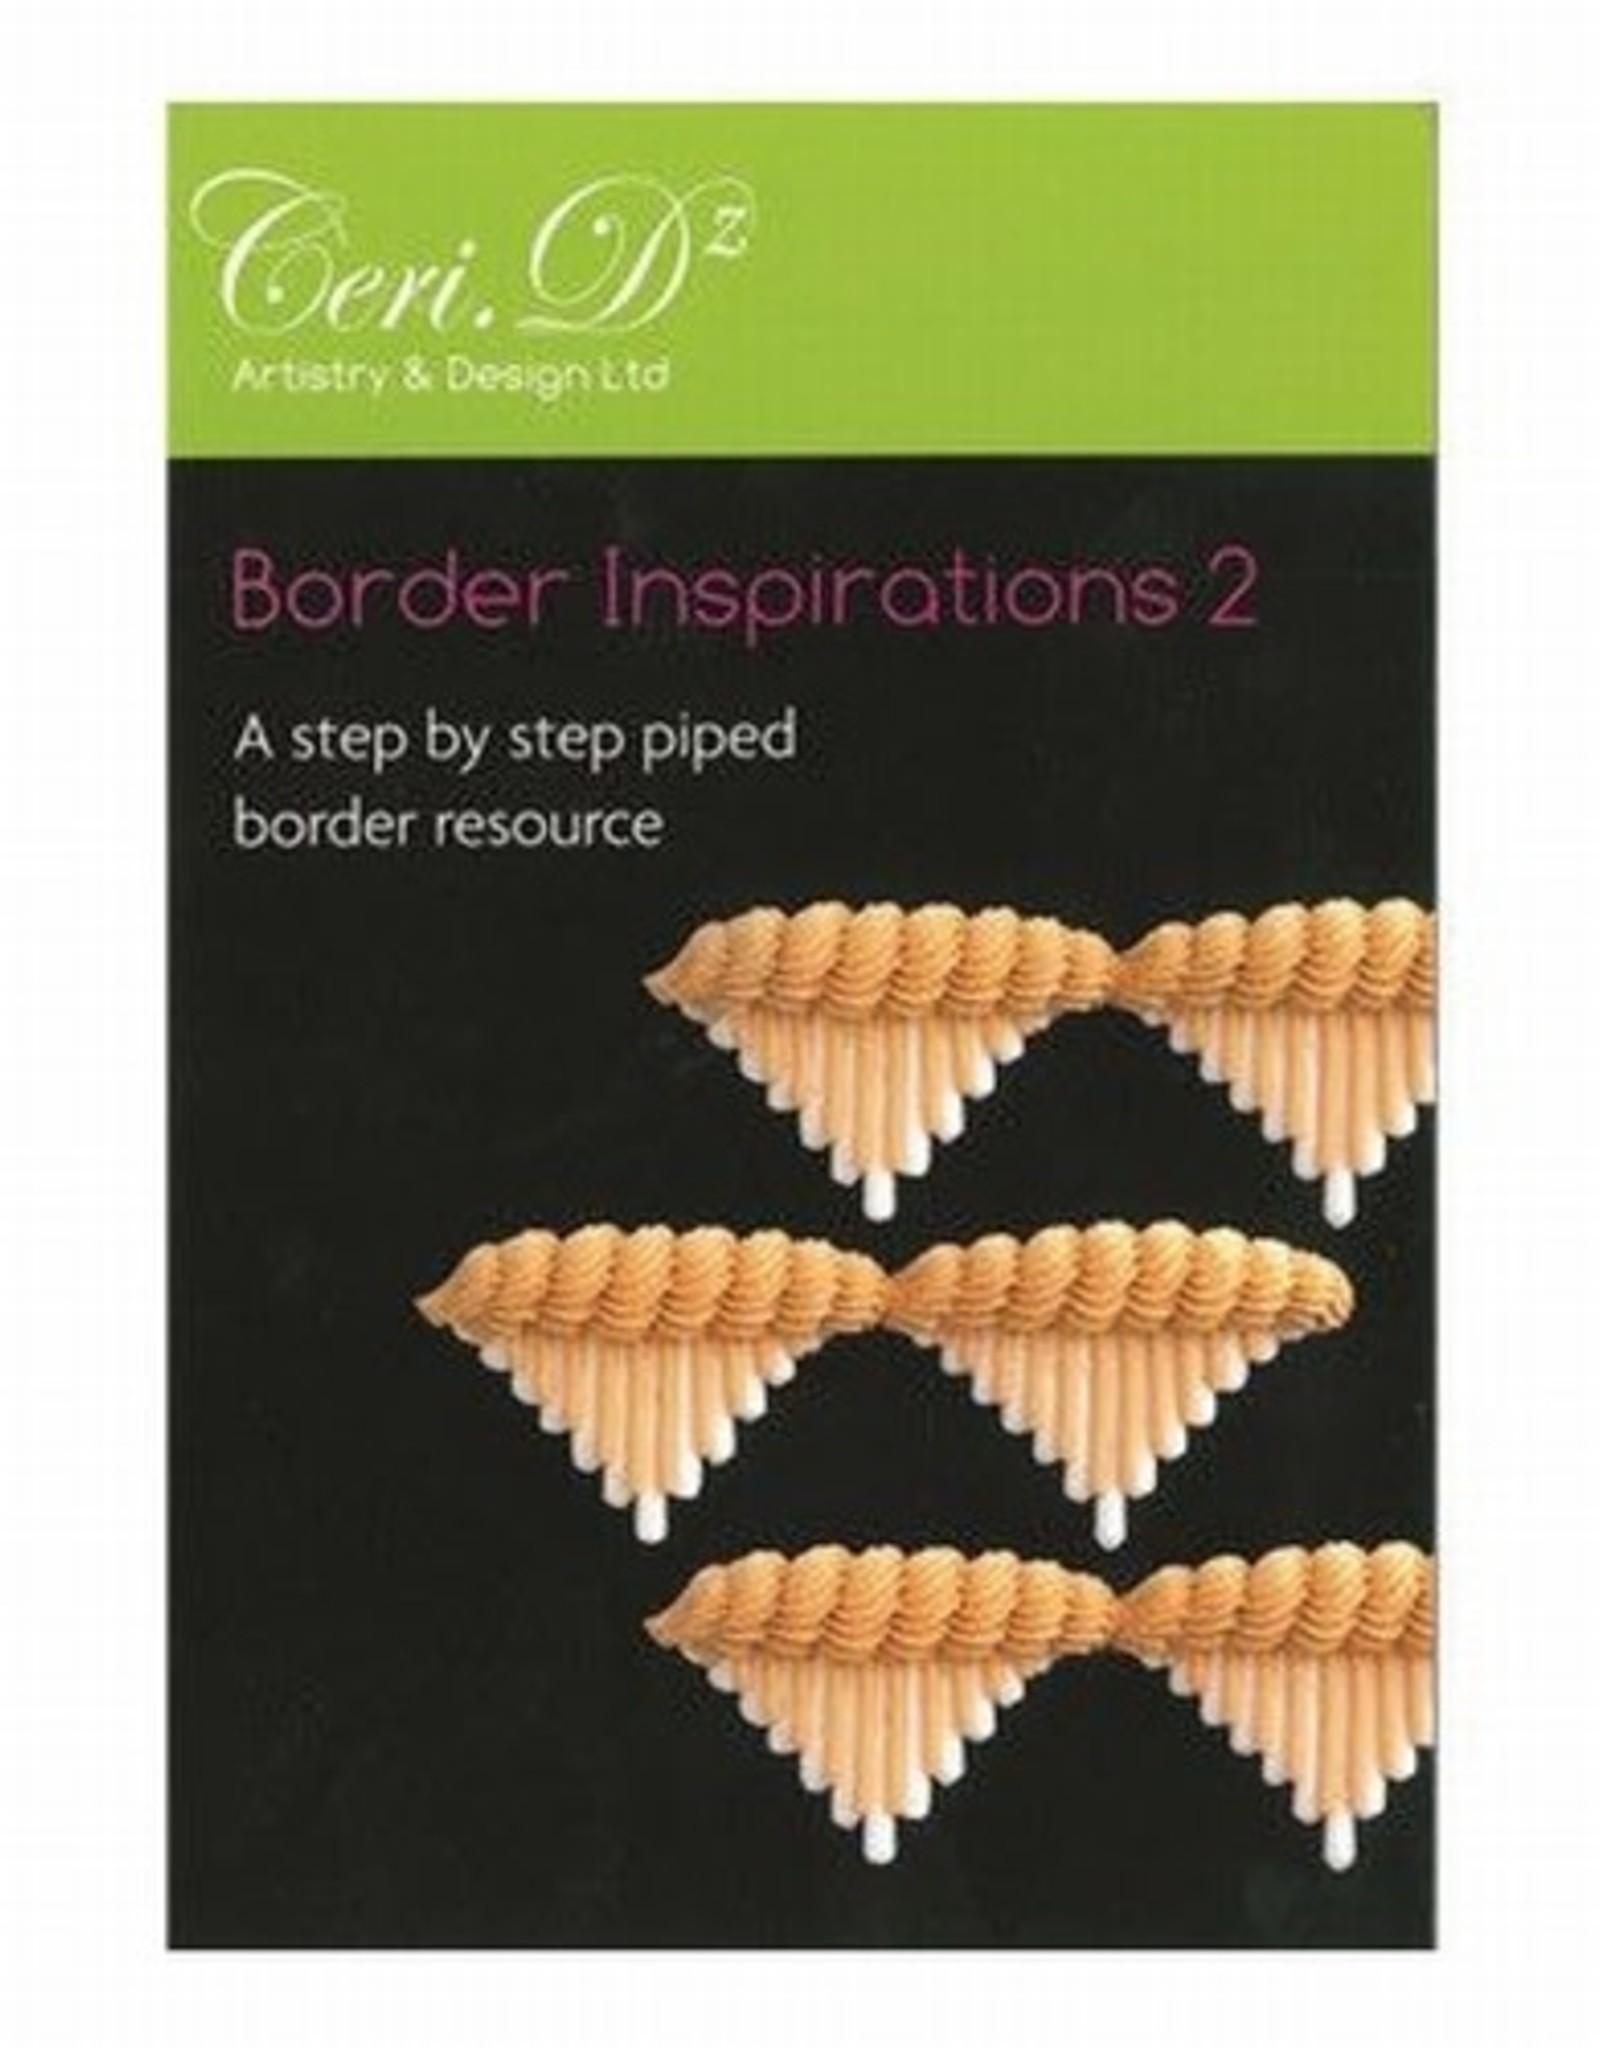 Overig Border Inspirations 2 - Ceri DD Griffiths